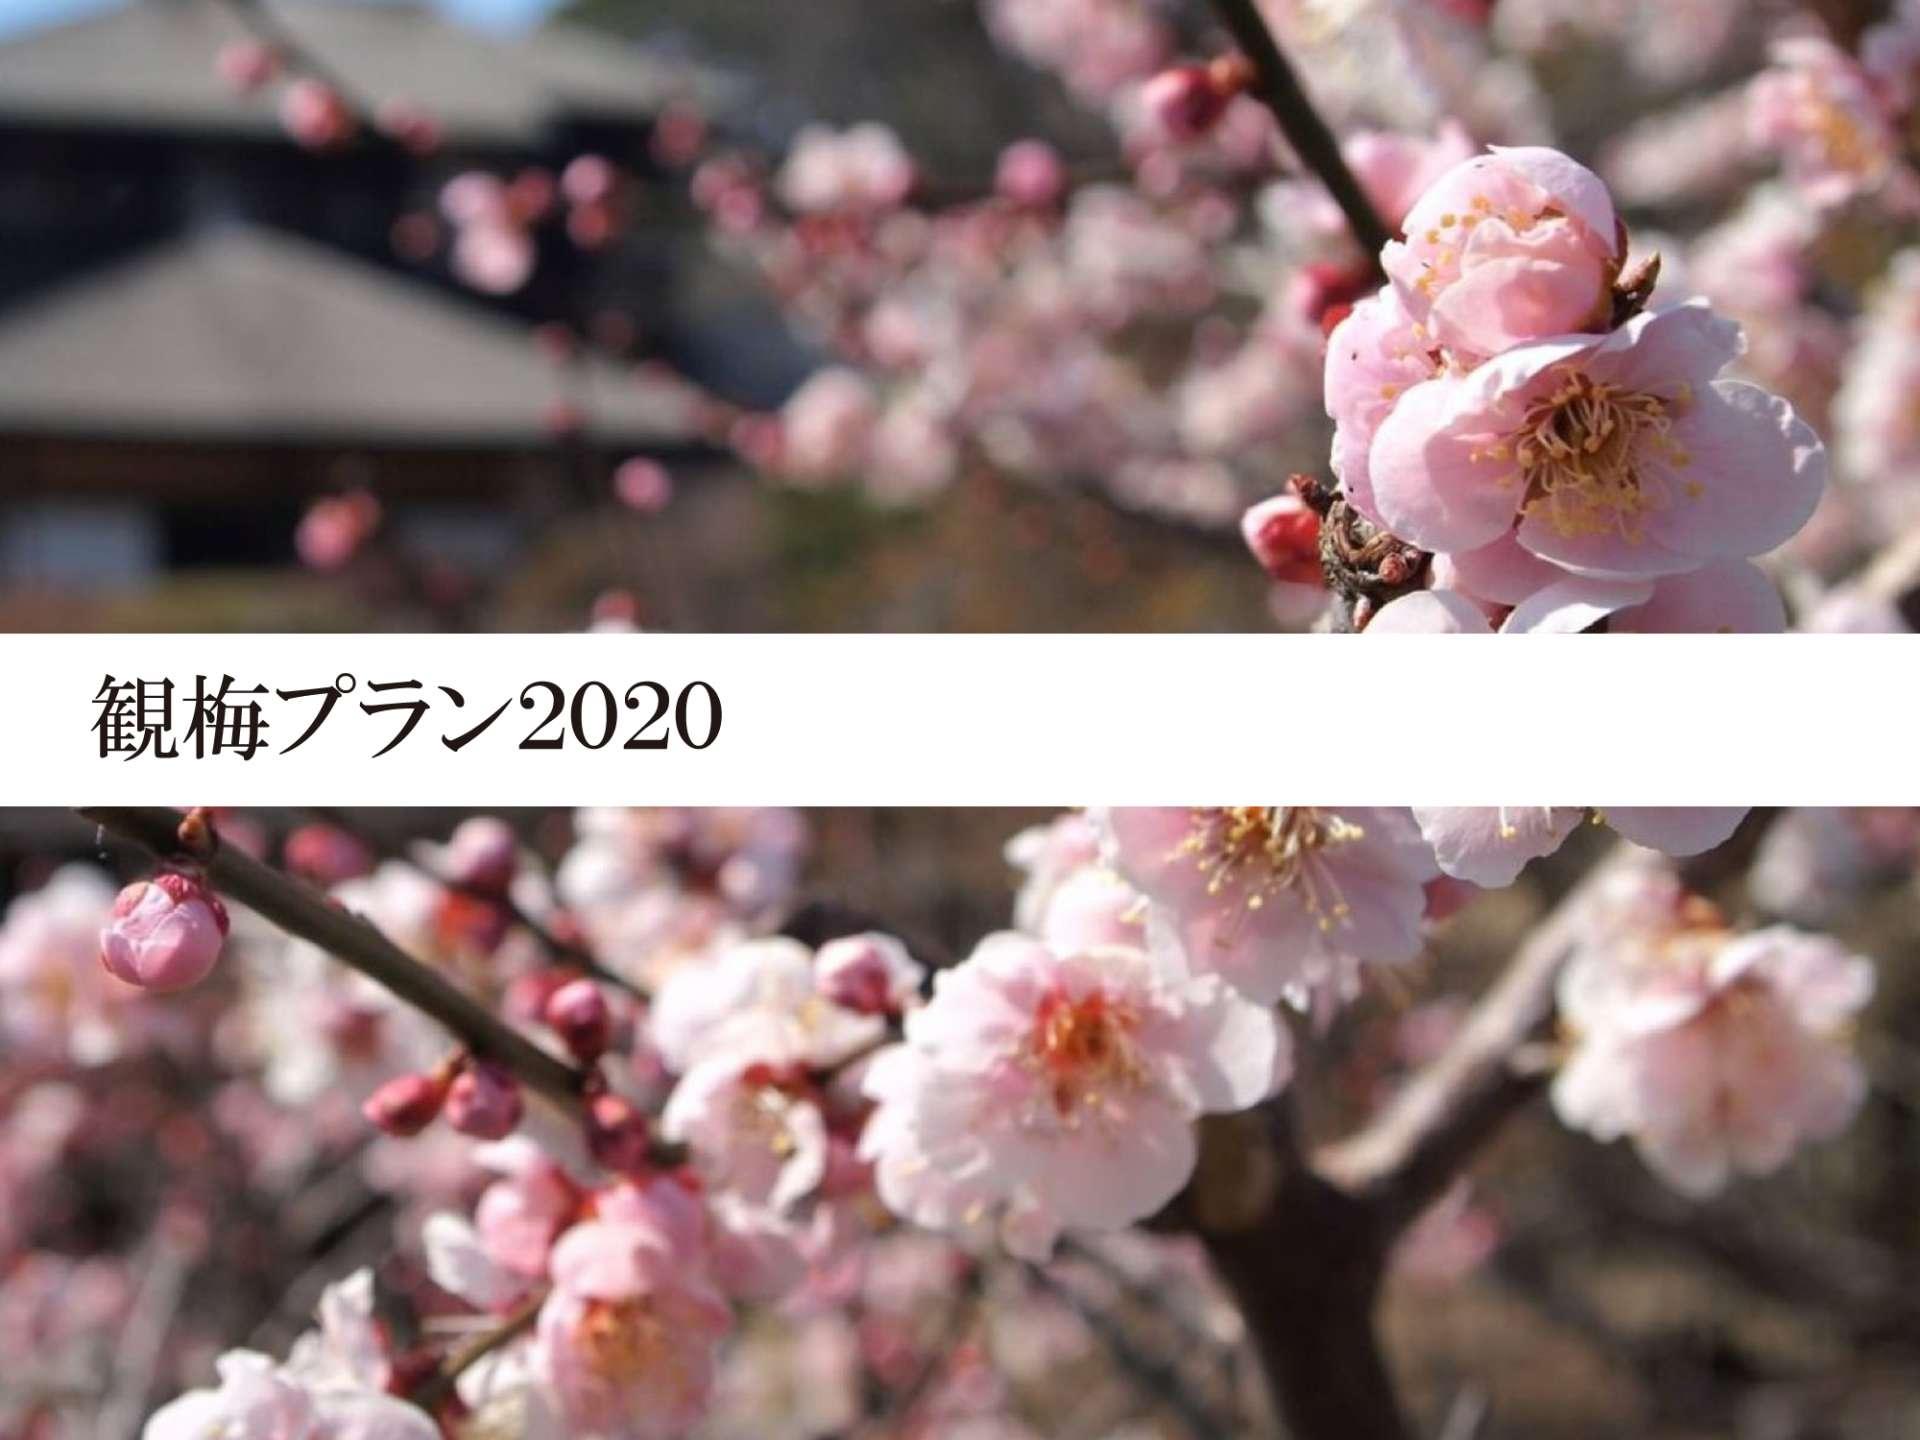 観梅ご宿泊プラン2020【朝食付】